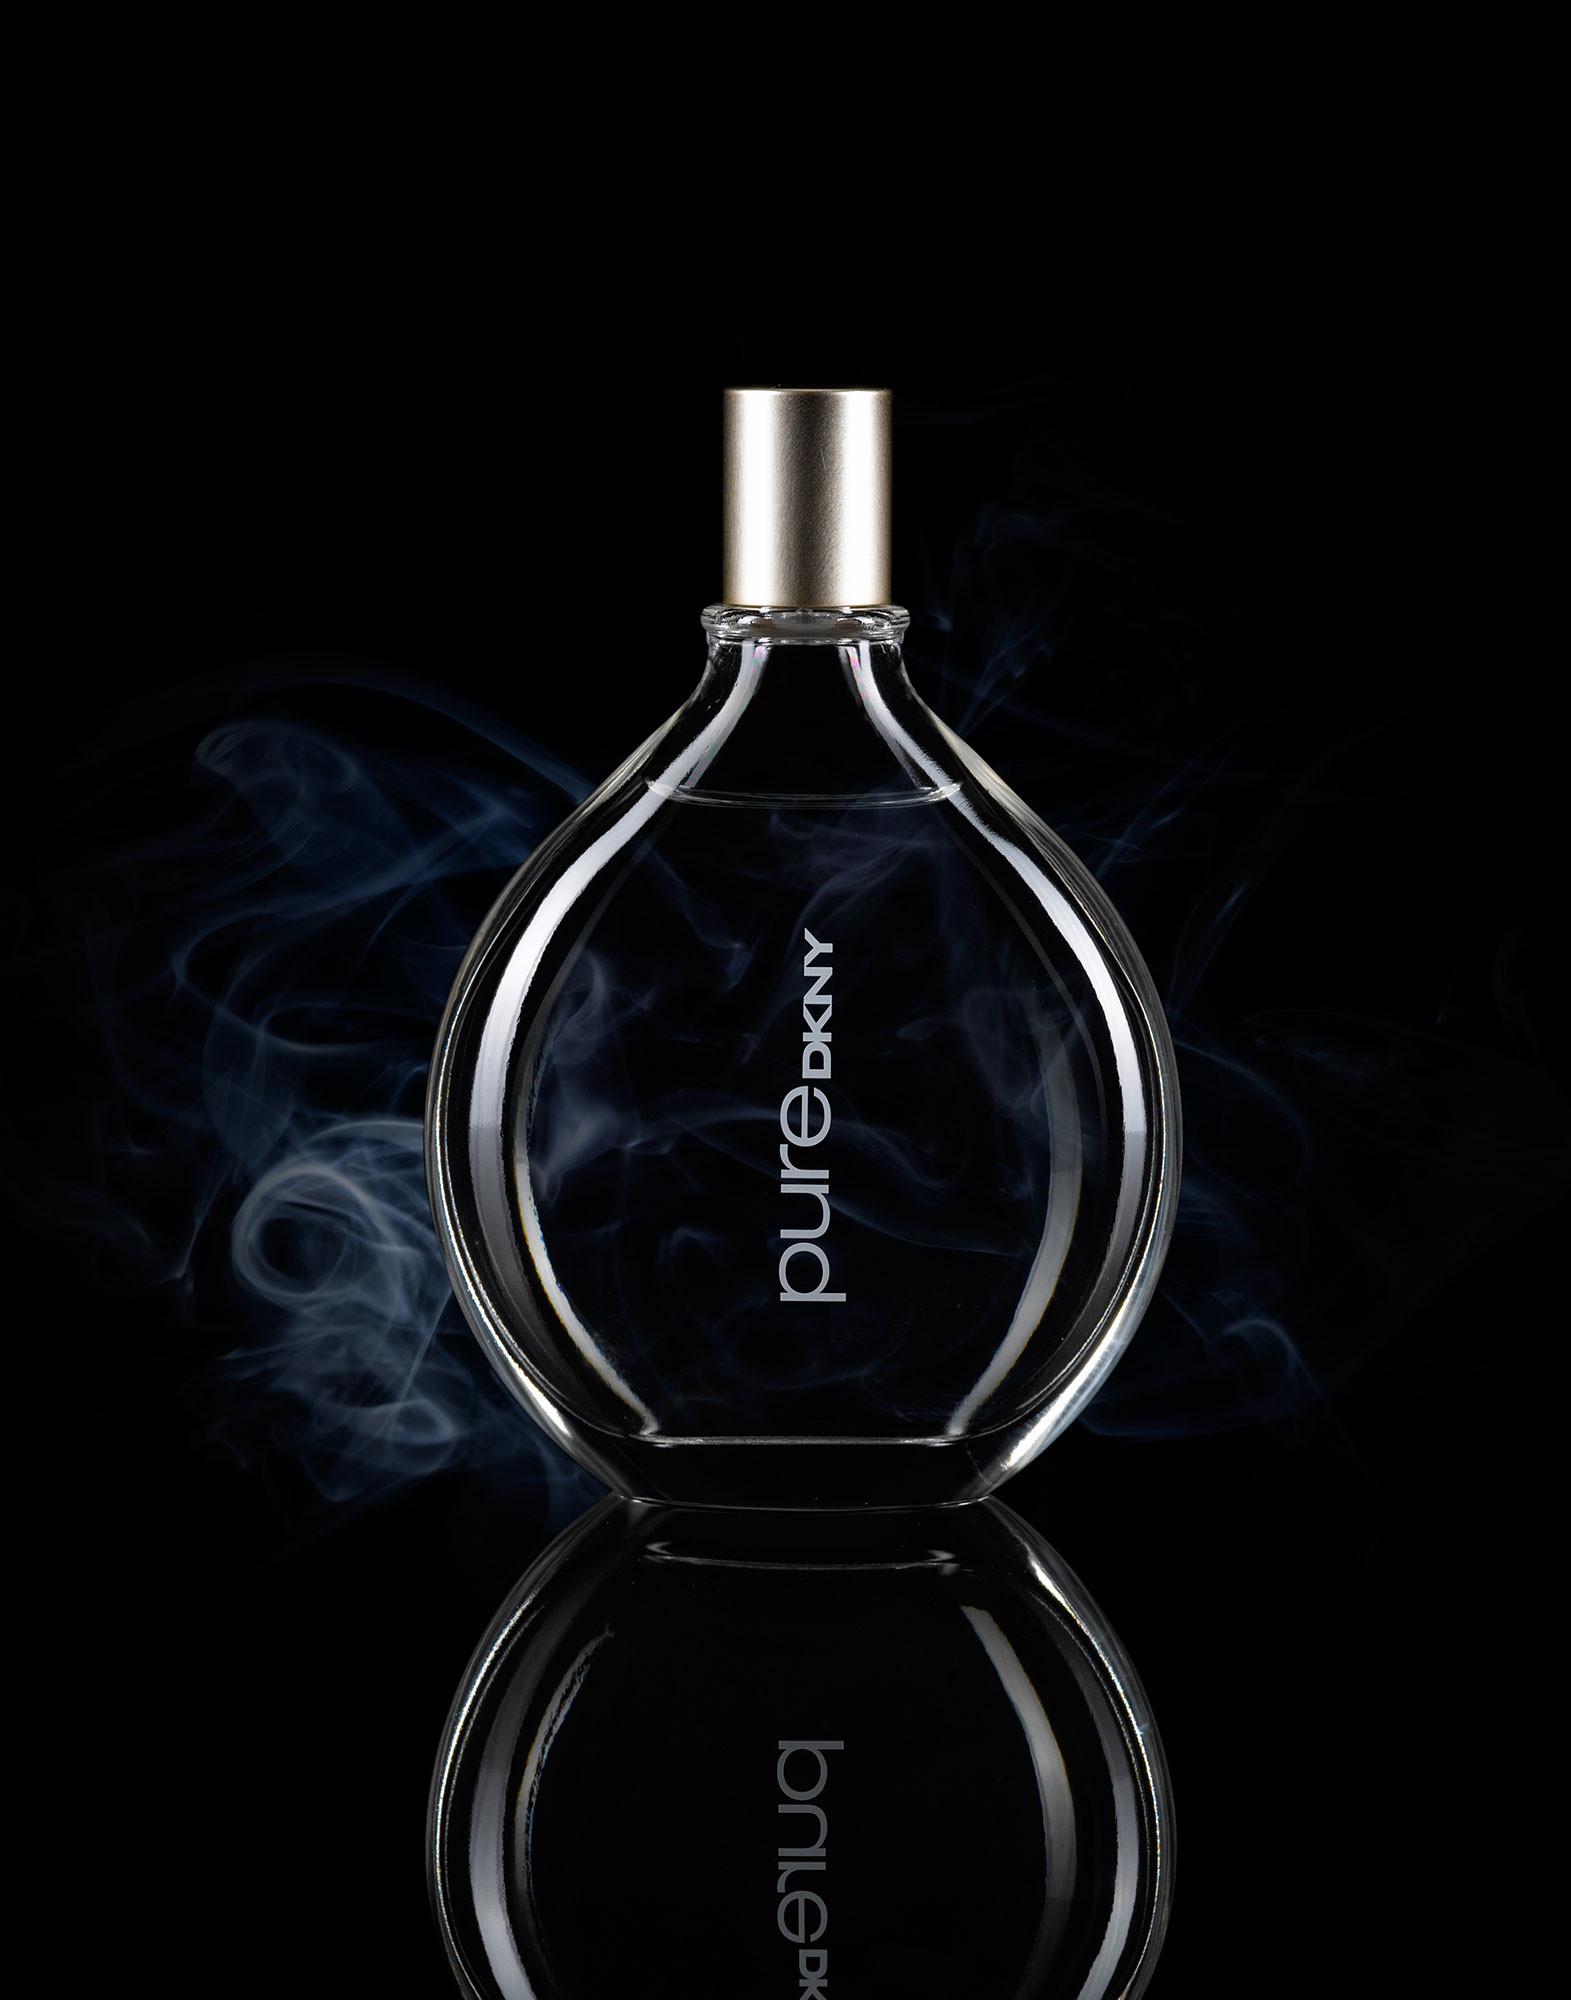 08-00045_021A_005-smoke-1571x2000.jpg